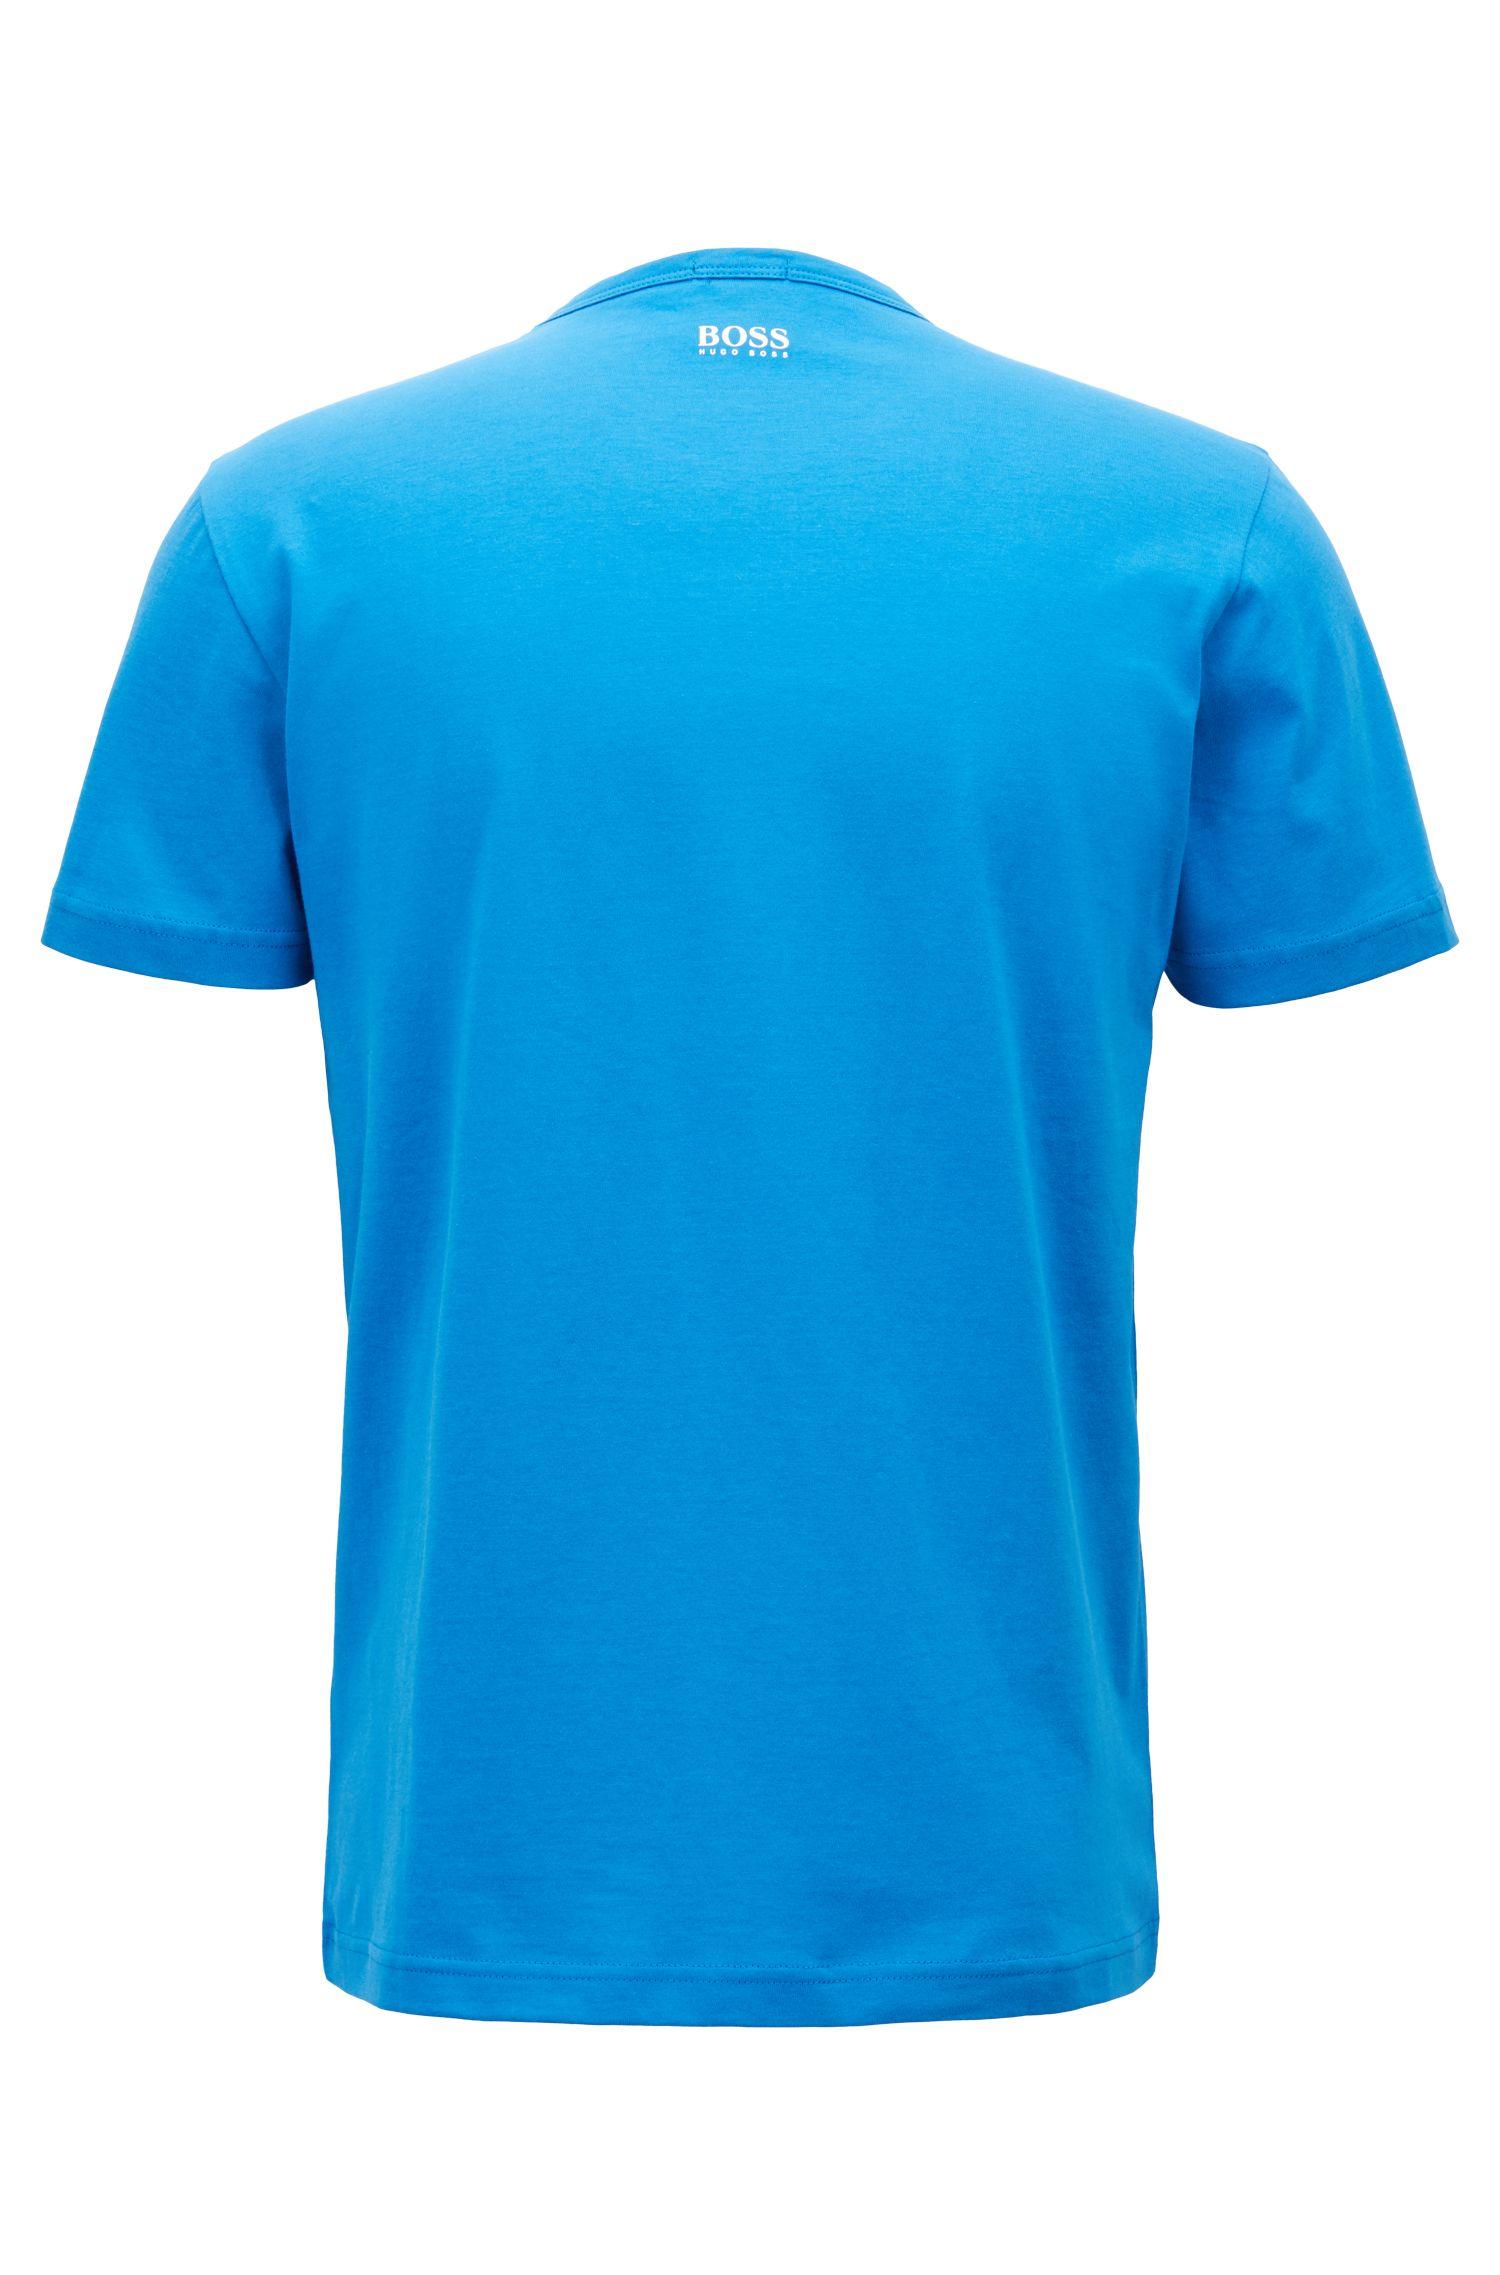 T-Shirt aus Baumwoll-Jerseymit Logo-Print, Türkis